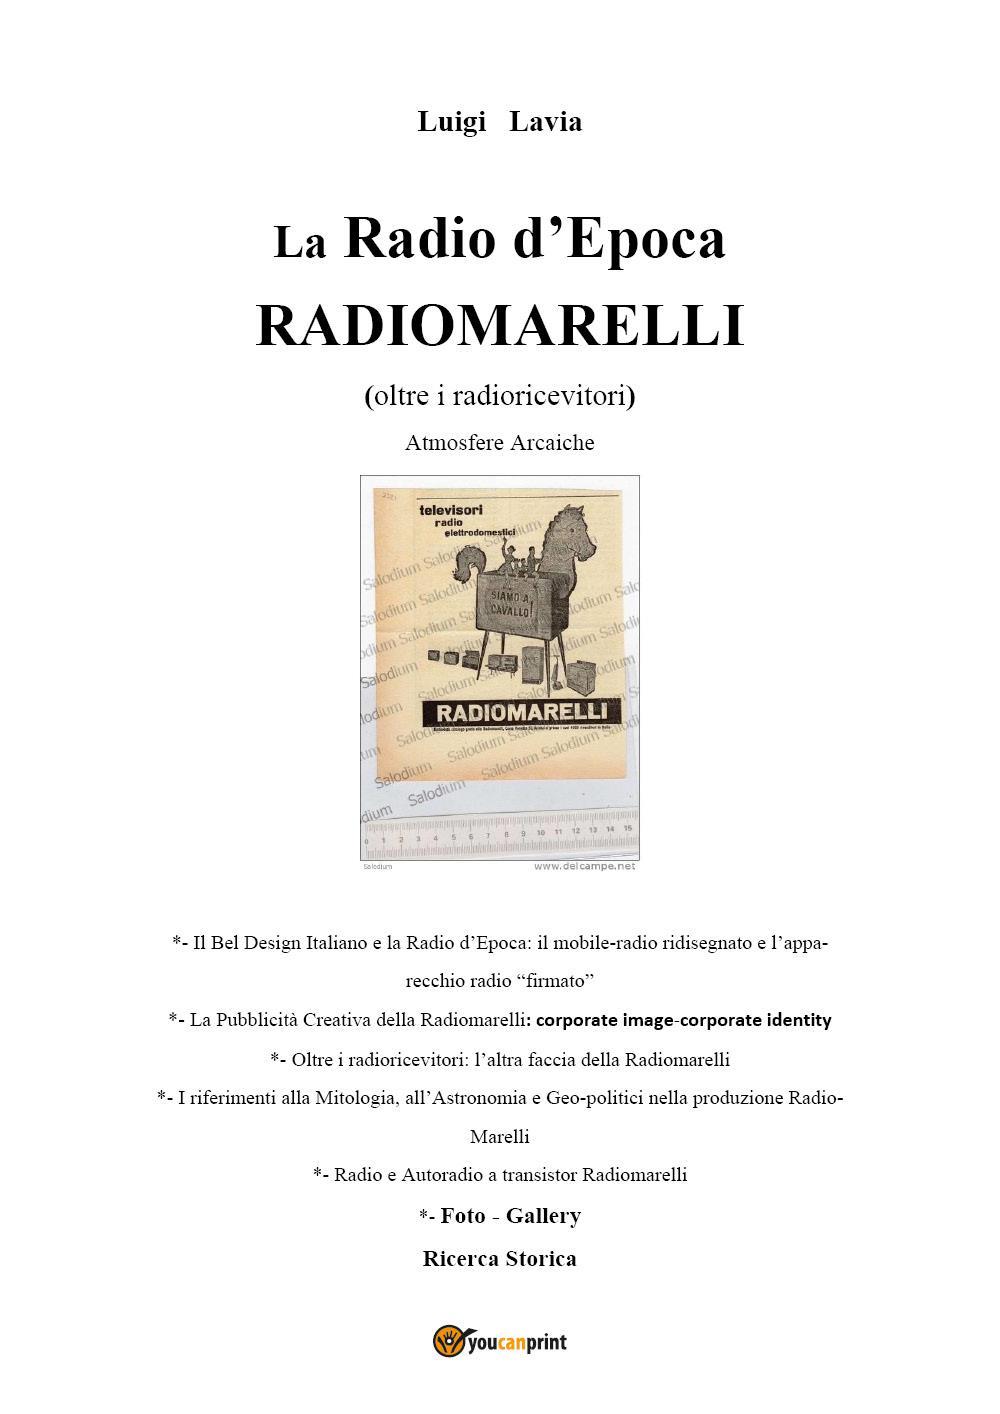 La Radio d'Epoca - Radiomarelli - Atmosfere Arcaiche